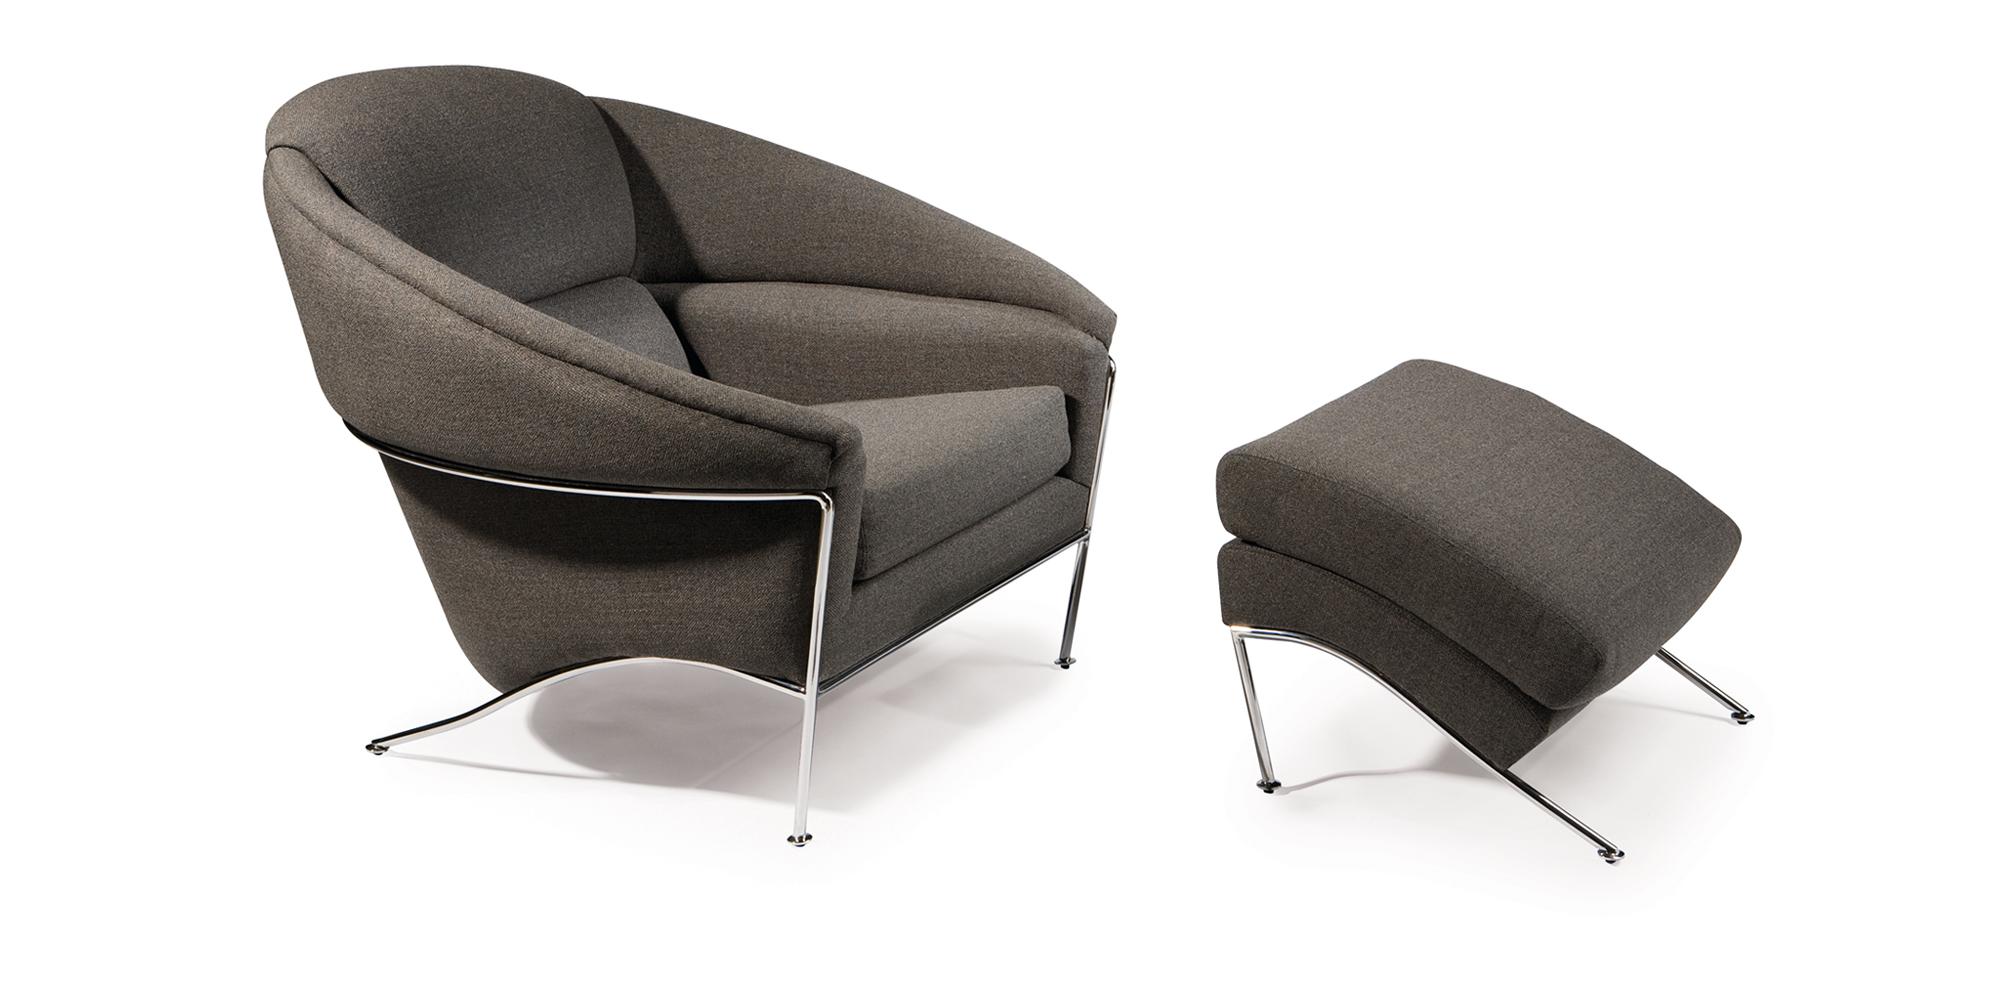 Boldido Lounge Chair and Ottoman